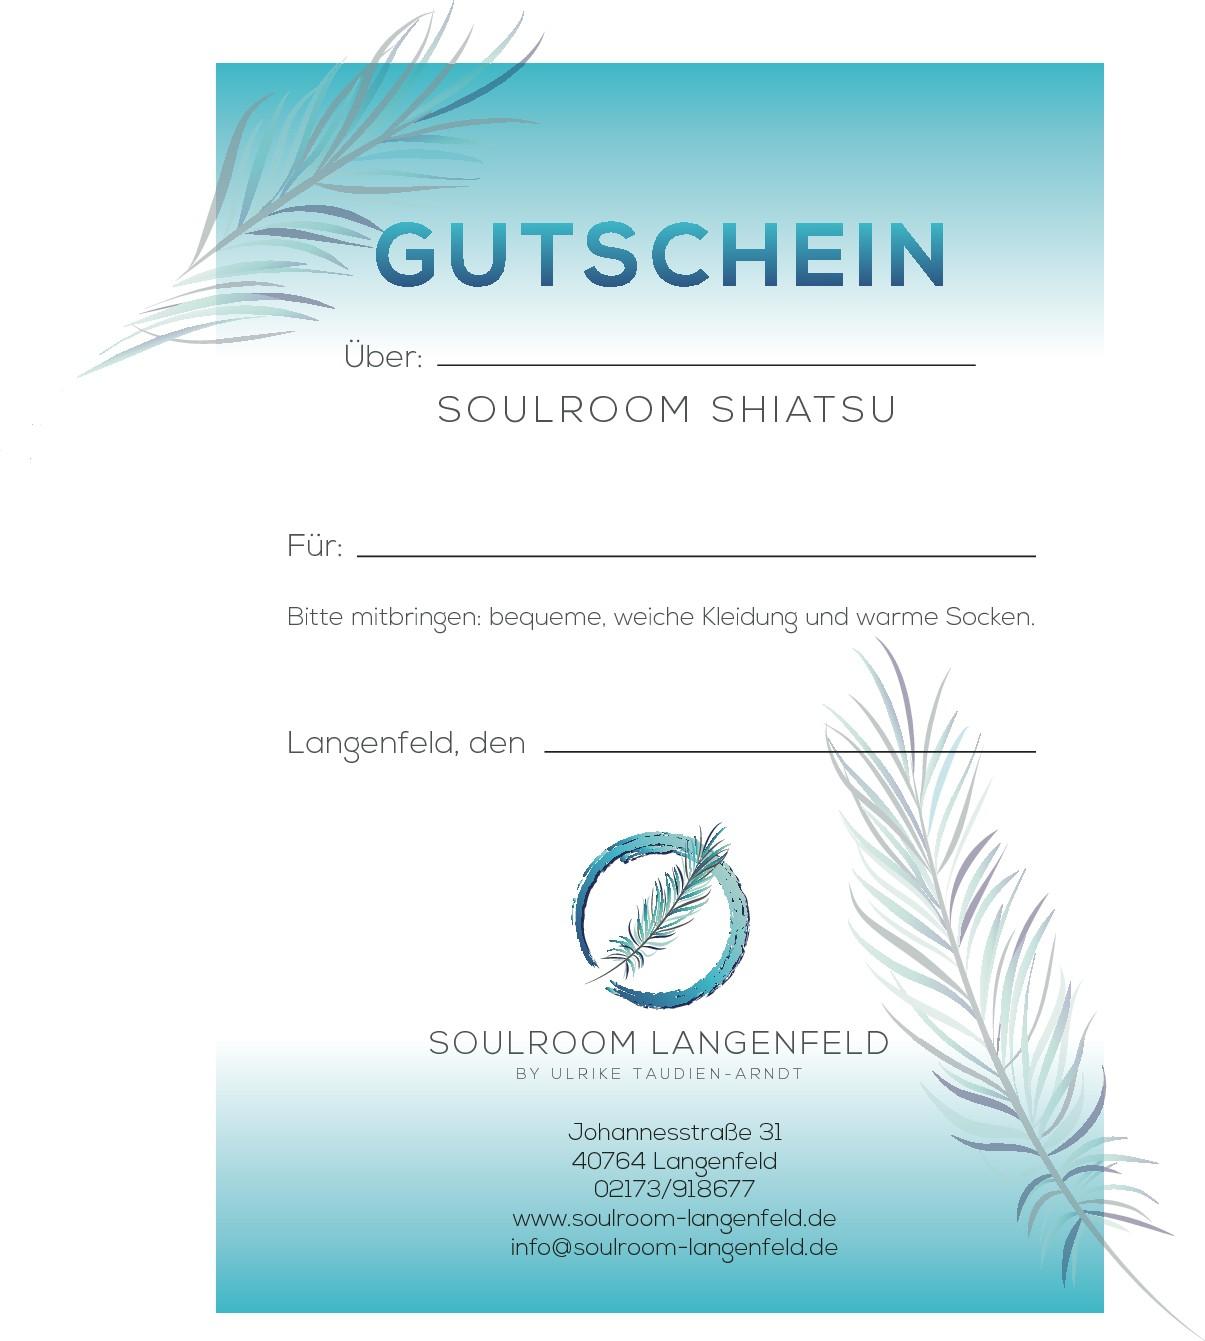 Der Soulroom-Langenfeld braucht Visitenkarten :-) mit dem von dir entworfenen Logo